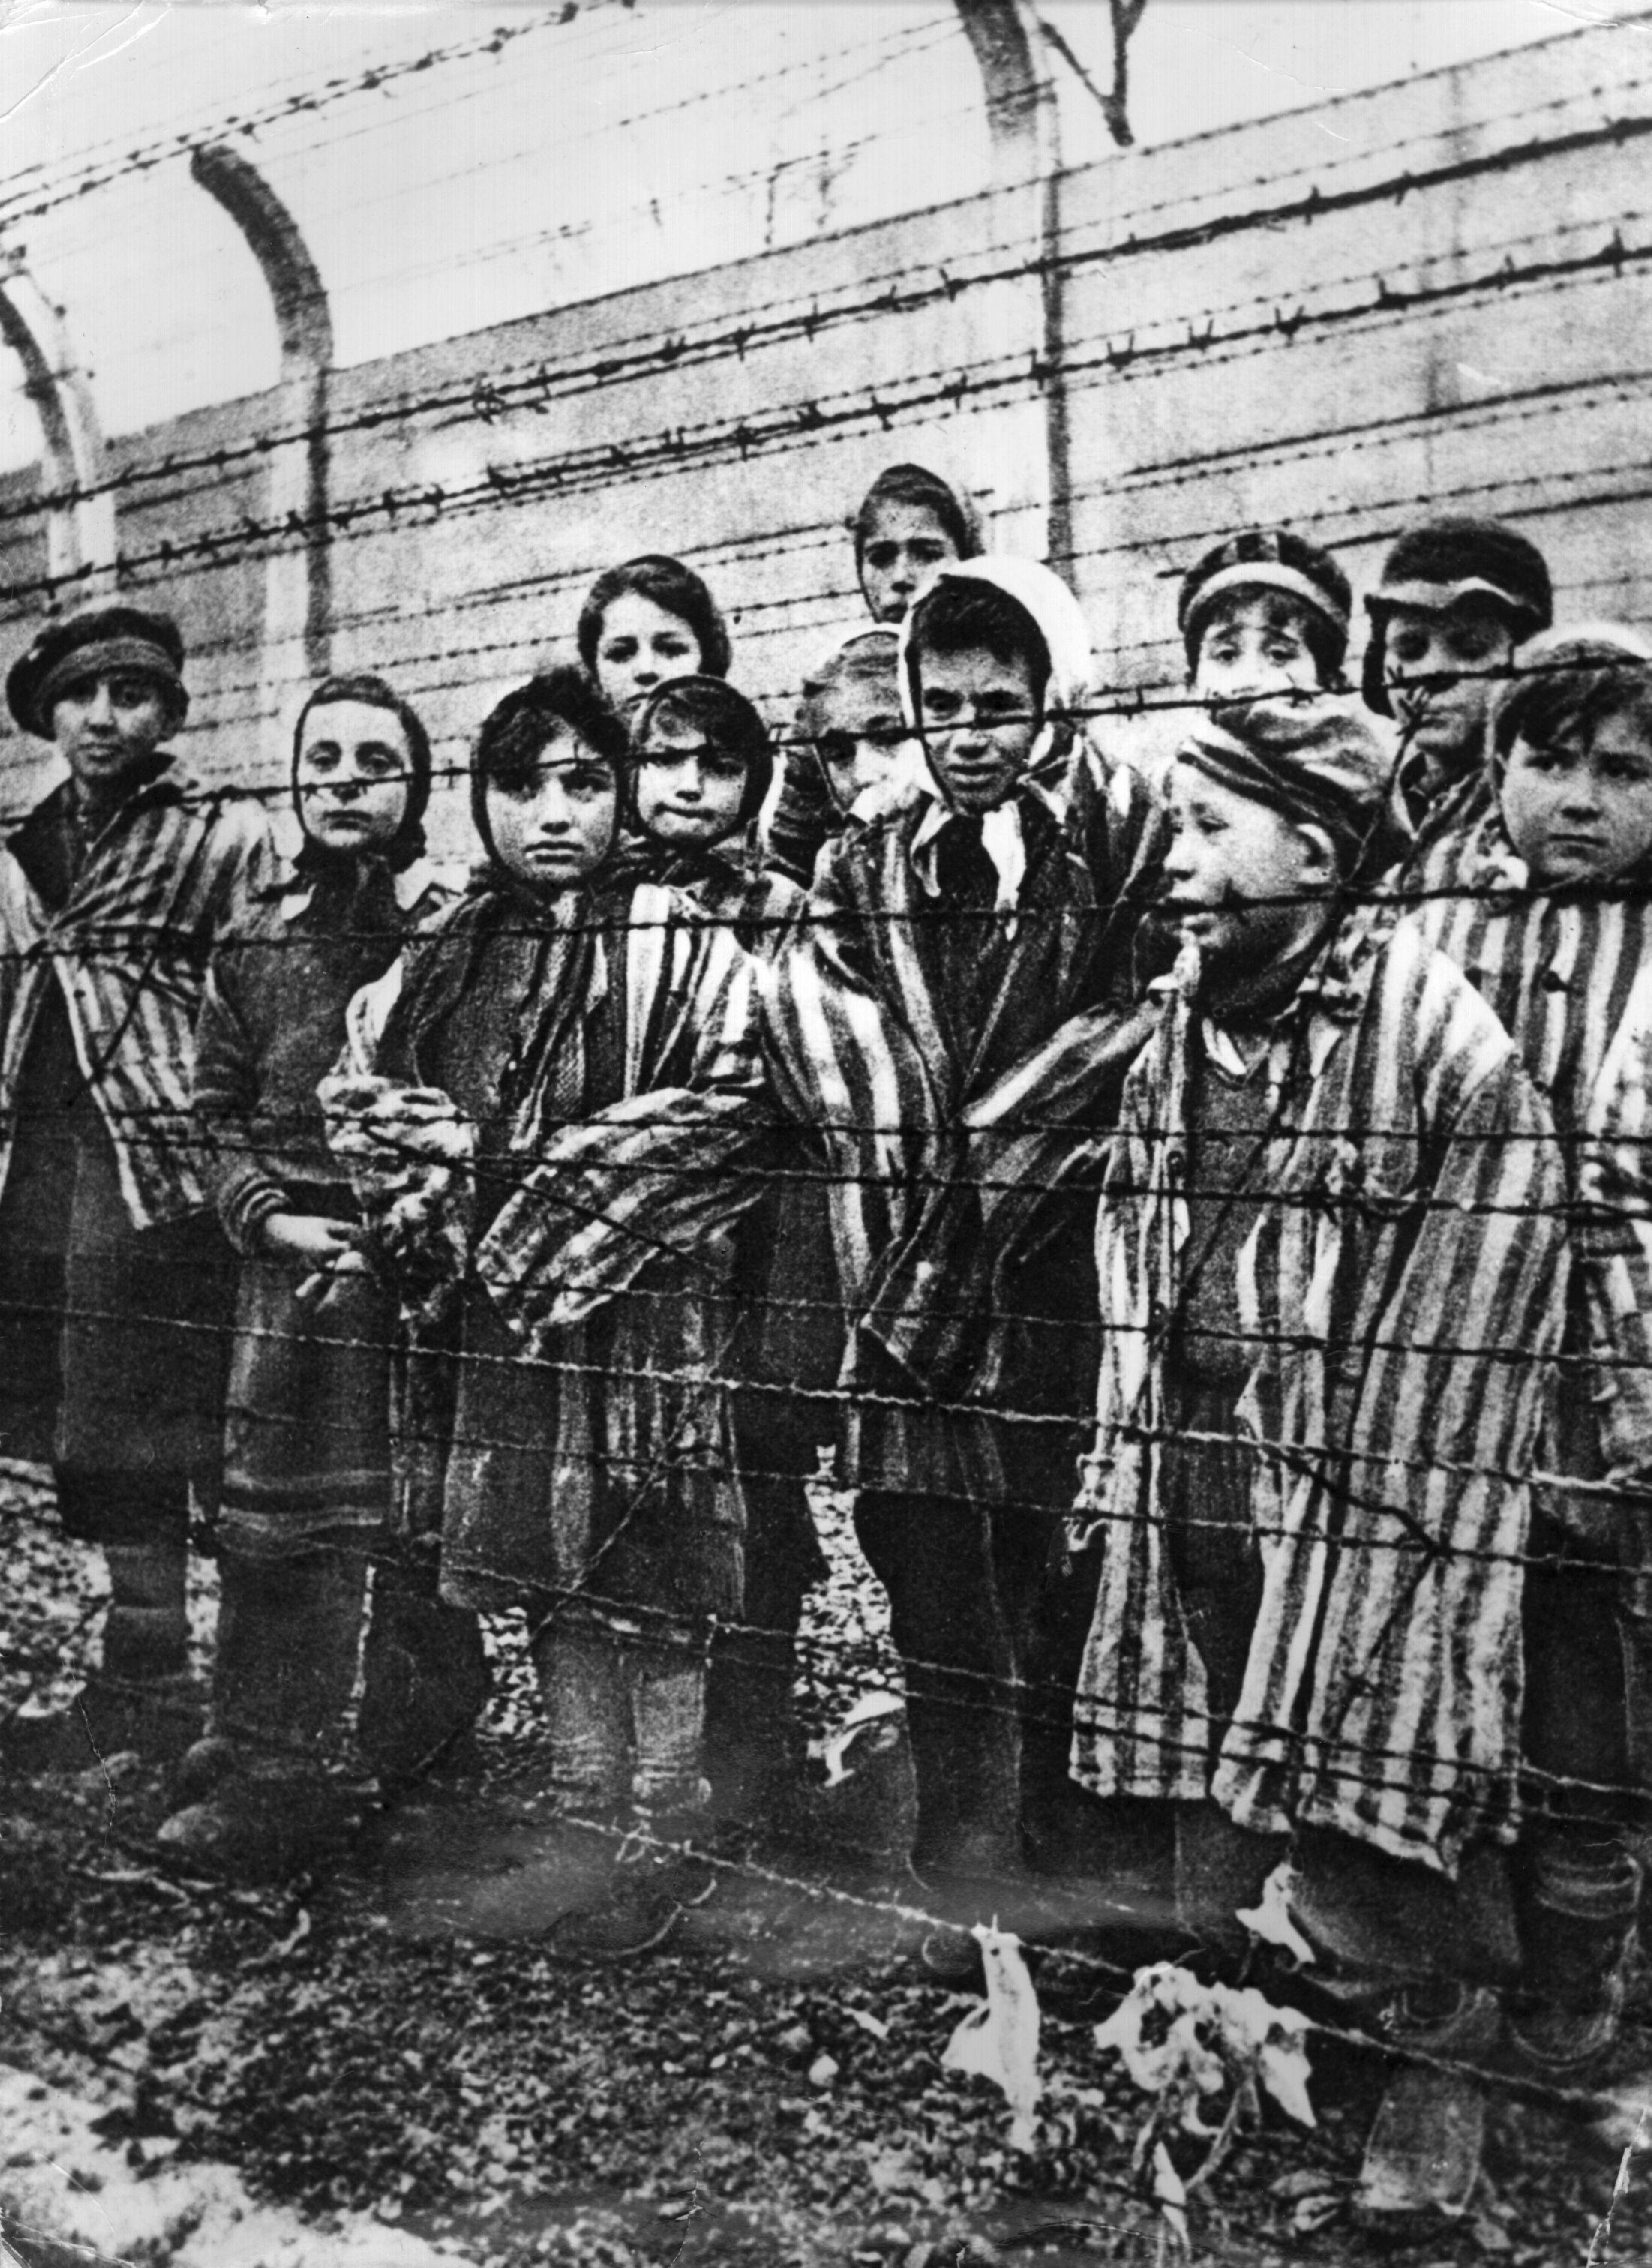 L'Olocausto dei bambini - Photogallery - Rai News